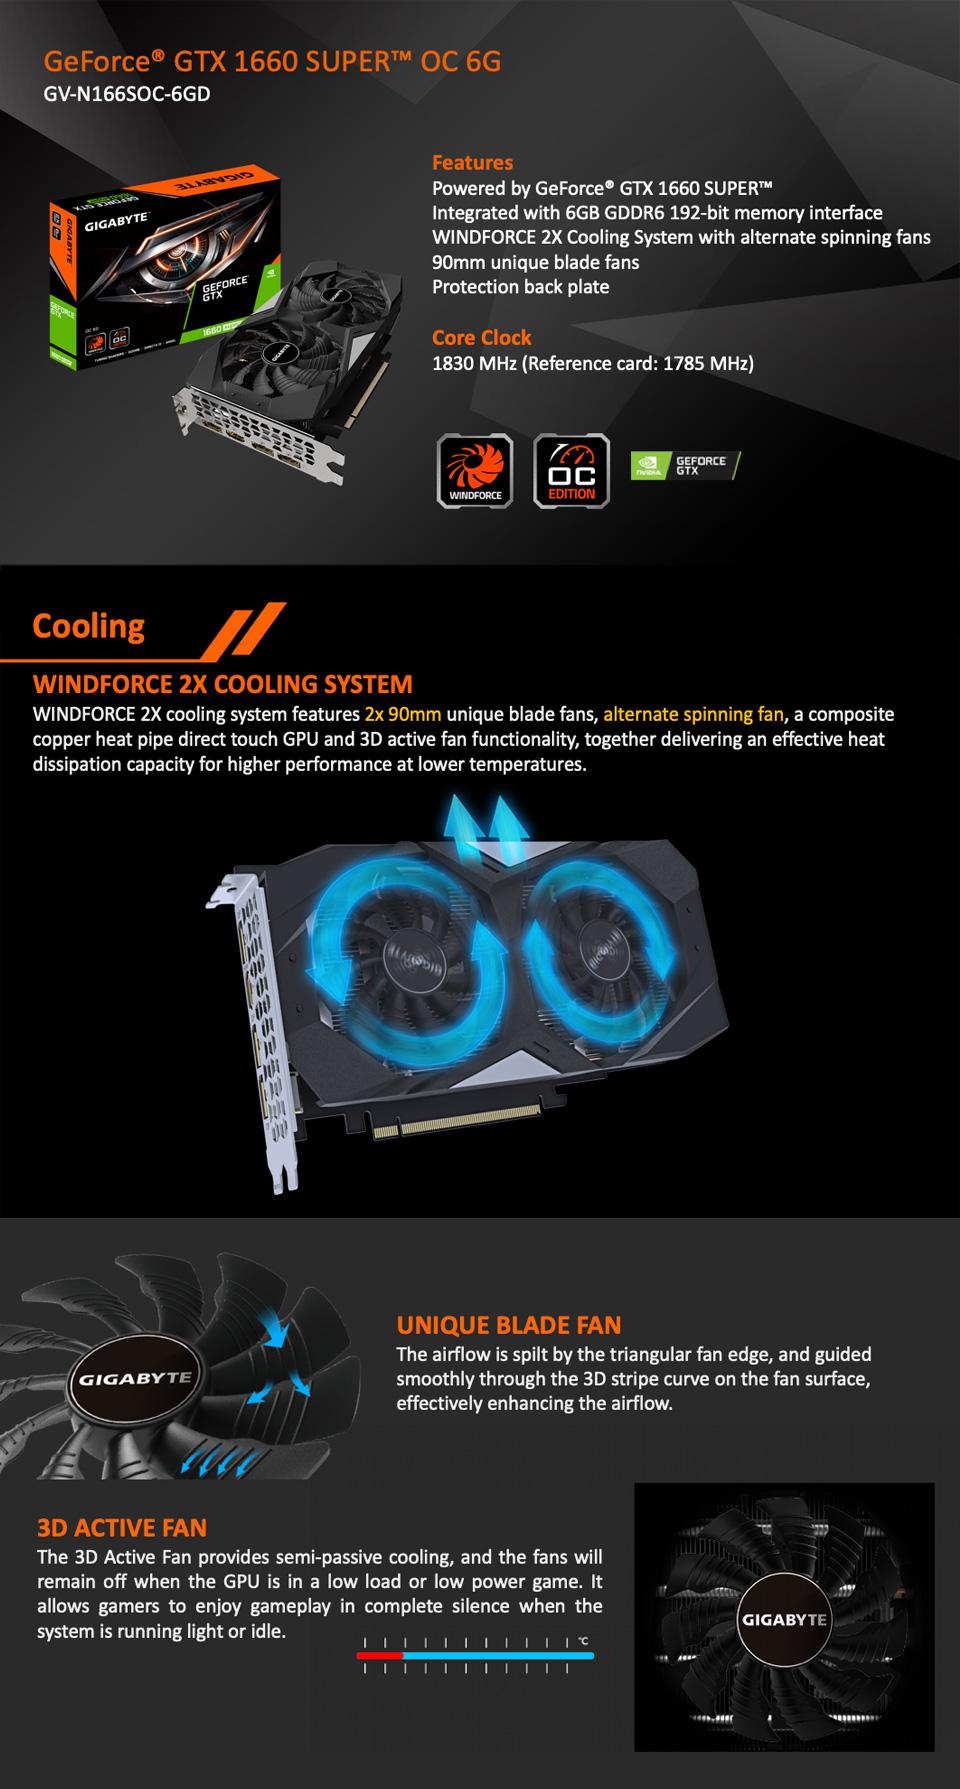 Gigabyte GeForce GTX 1660 Super OC 6GB features